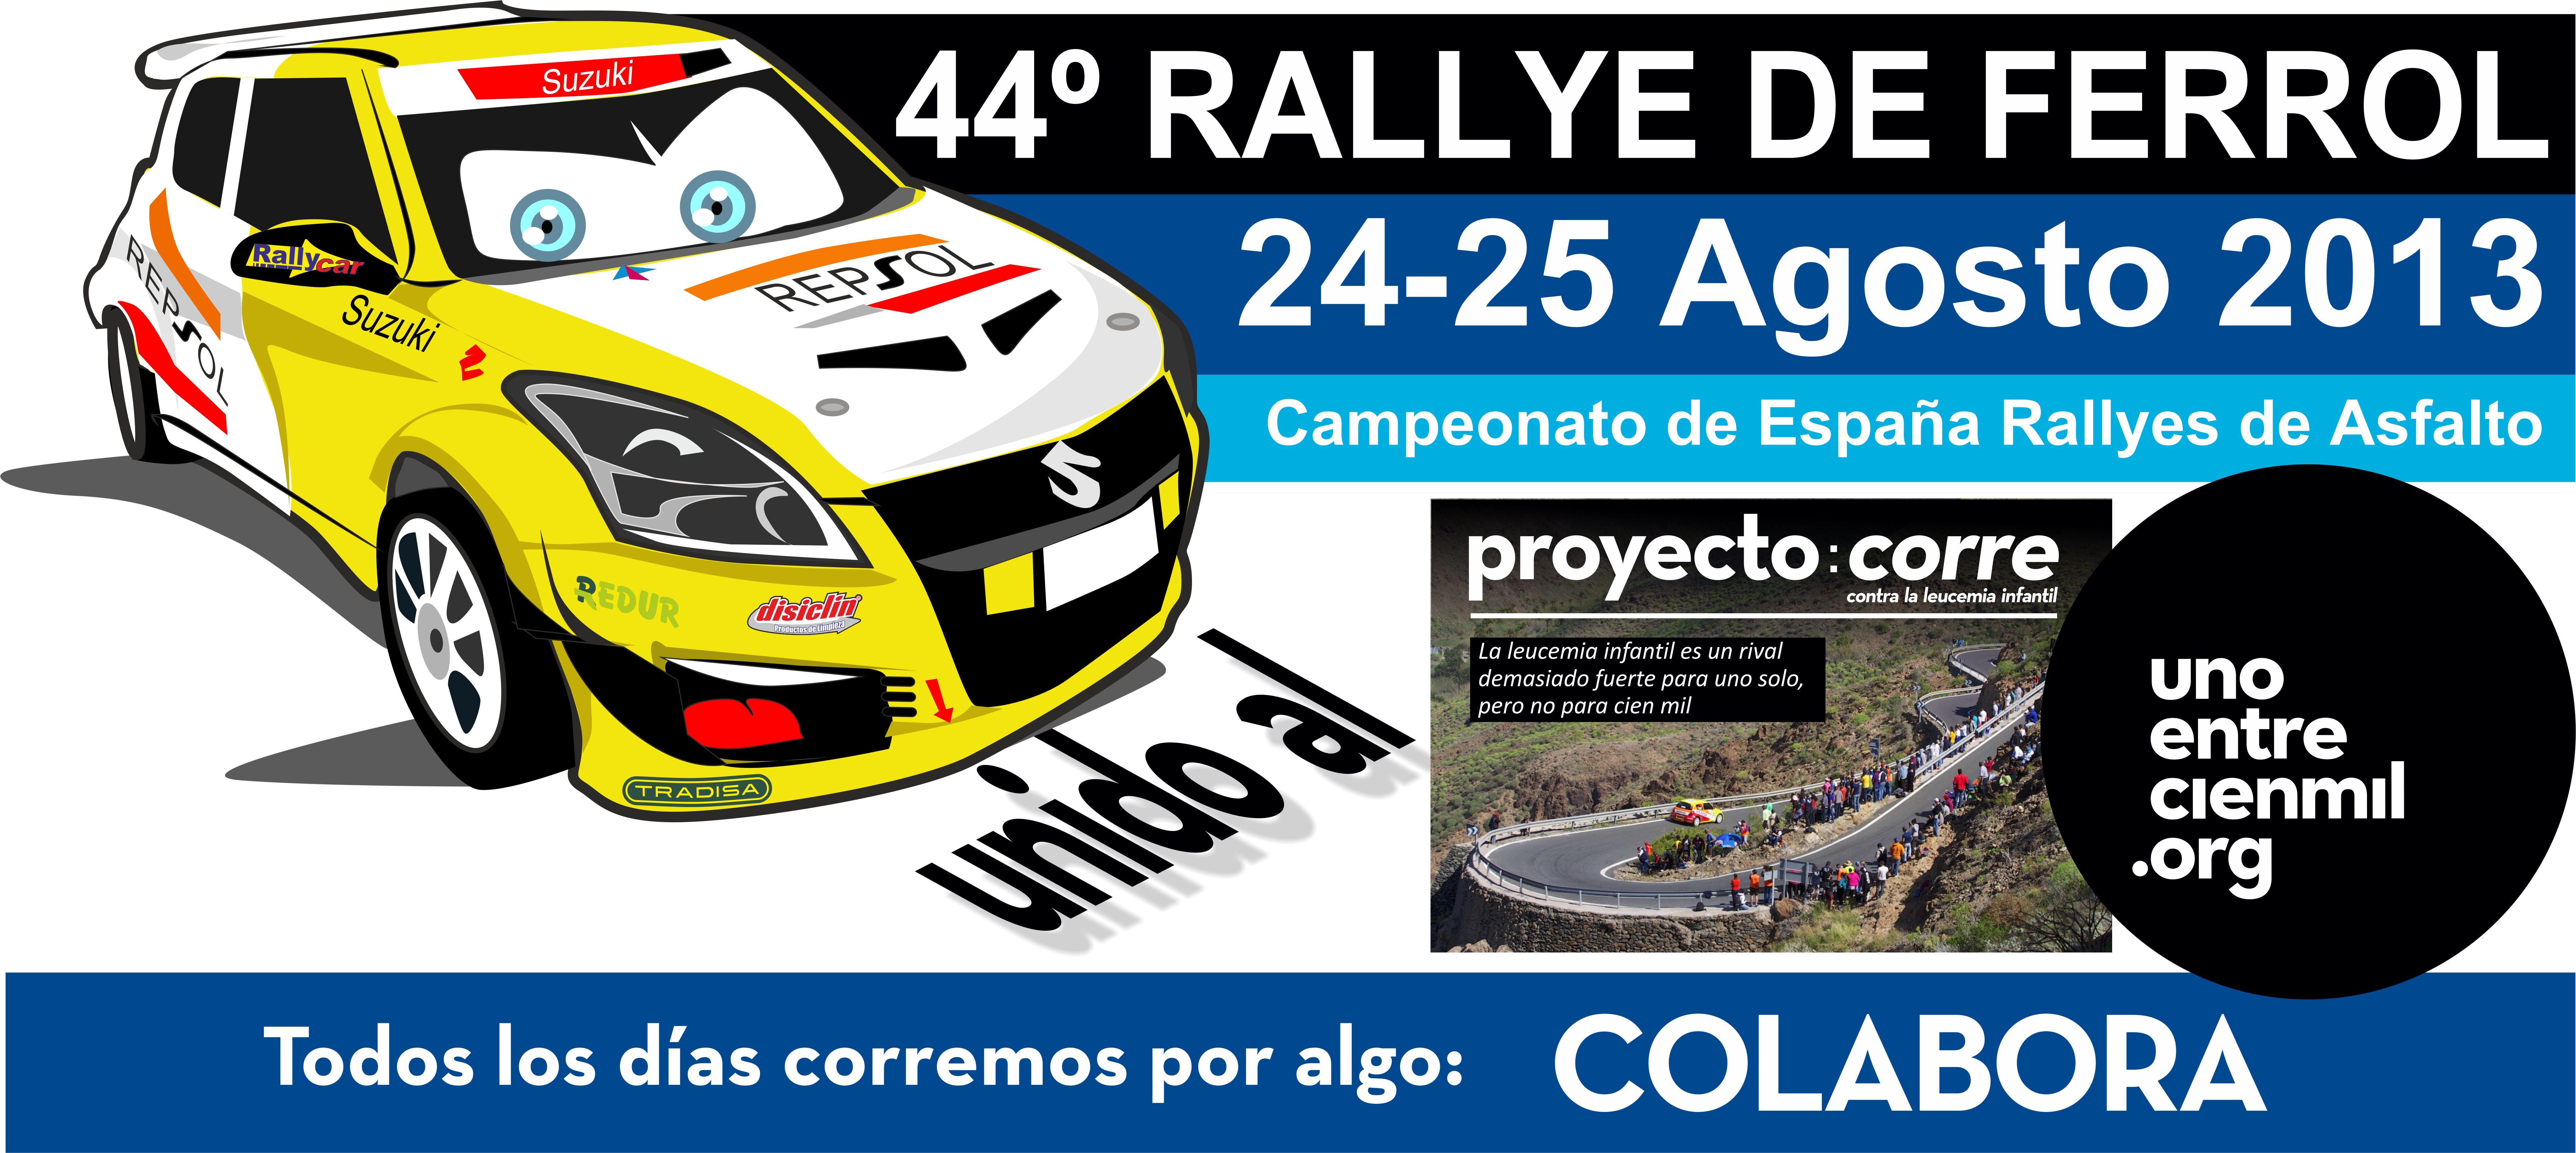 44 Rallye de Ferrol